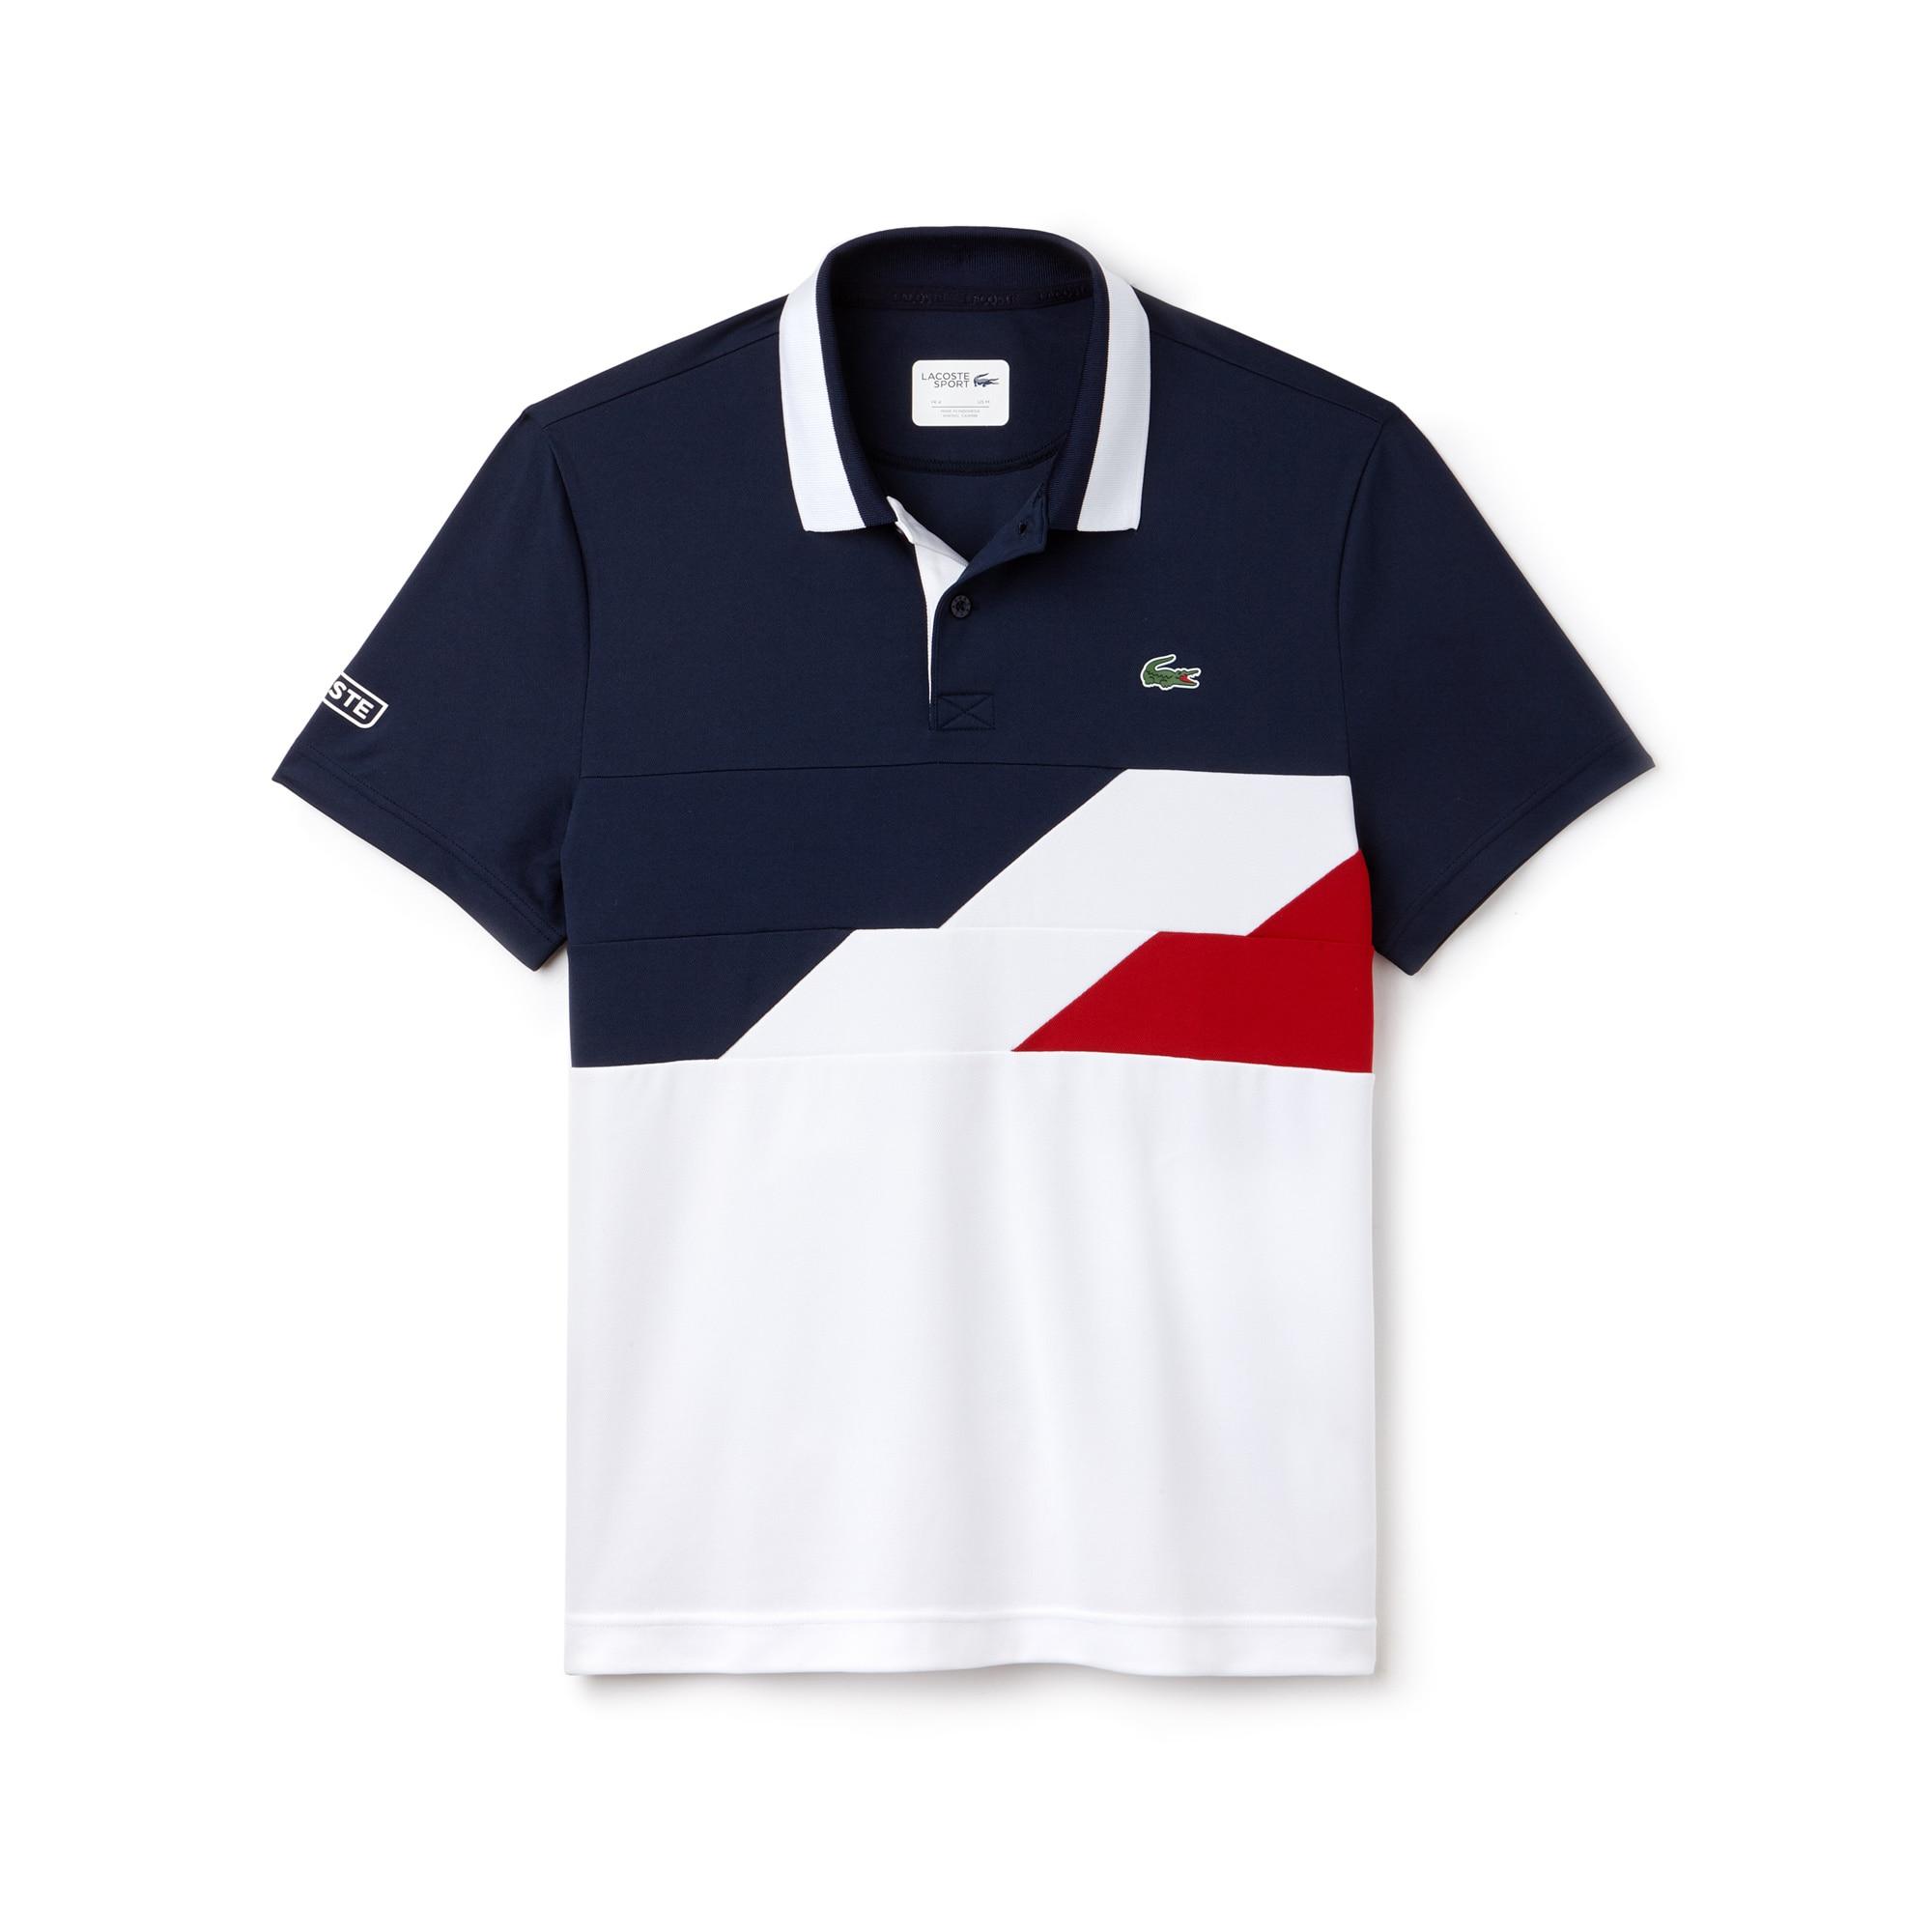 Men s Lacoste SPORT Colorblock Bands Technical Piqué Tennis Polo ... 8b7ef43479f